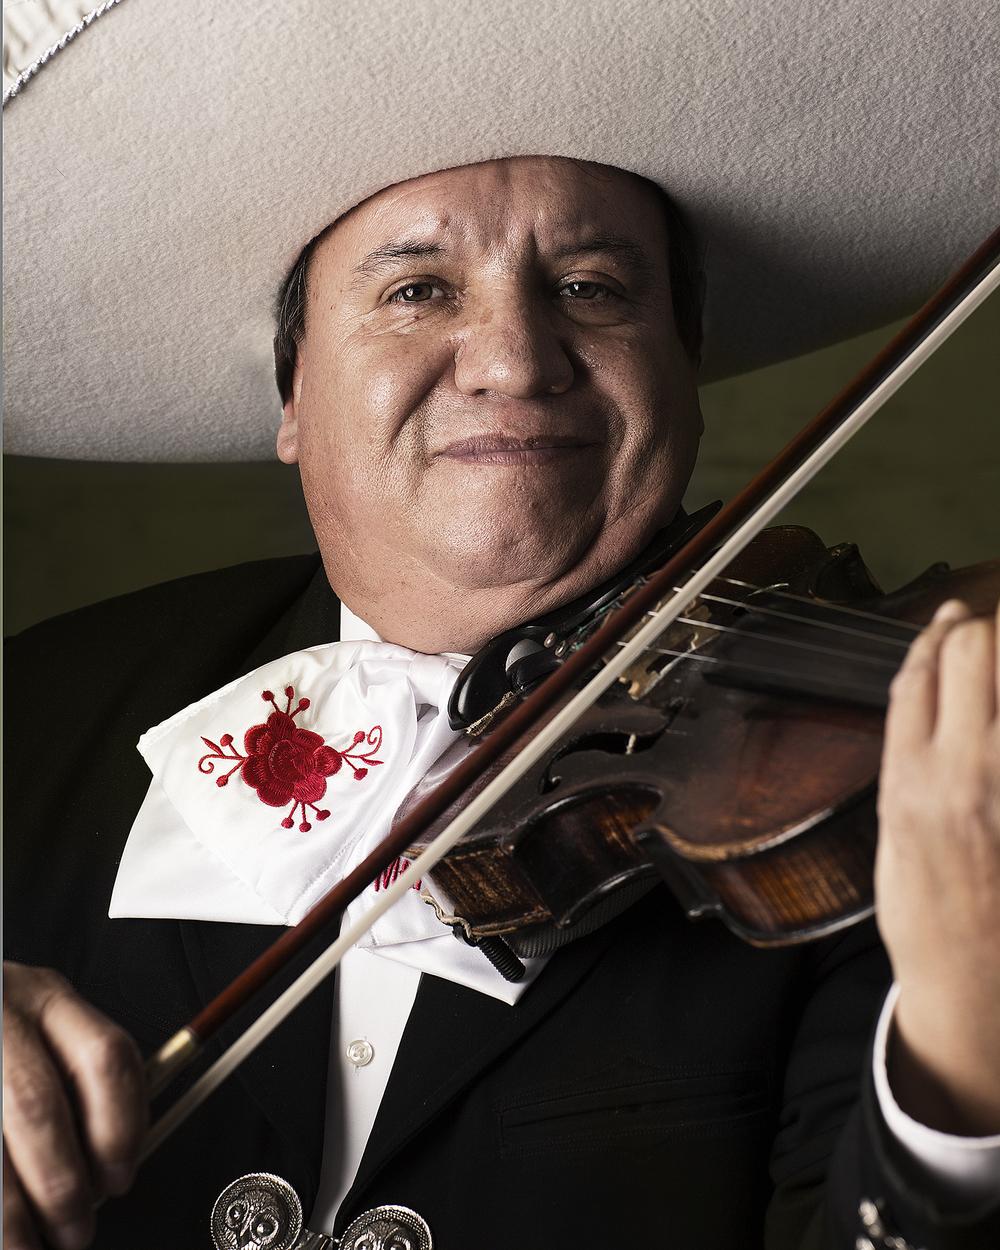 adair_j_mexicanismo_007.jpg